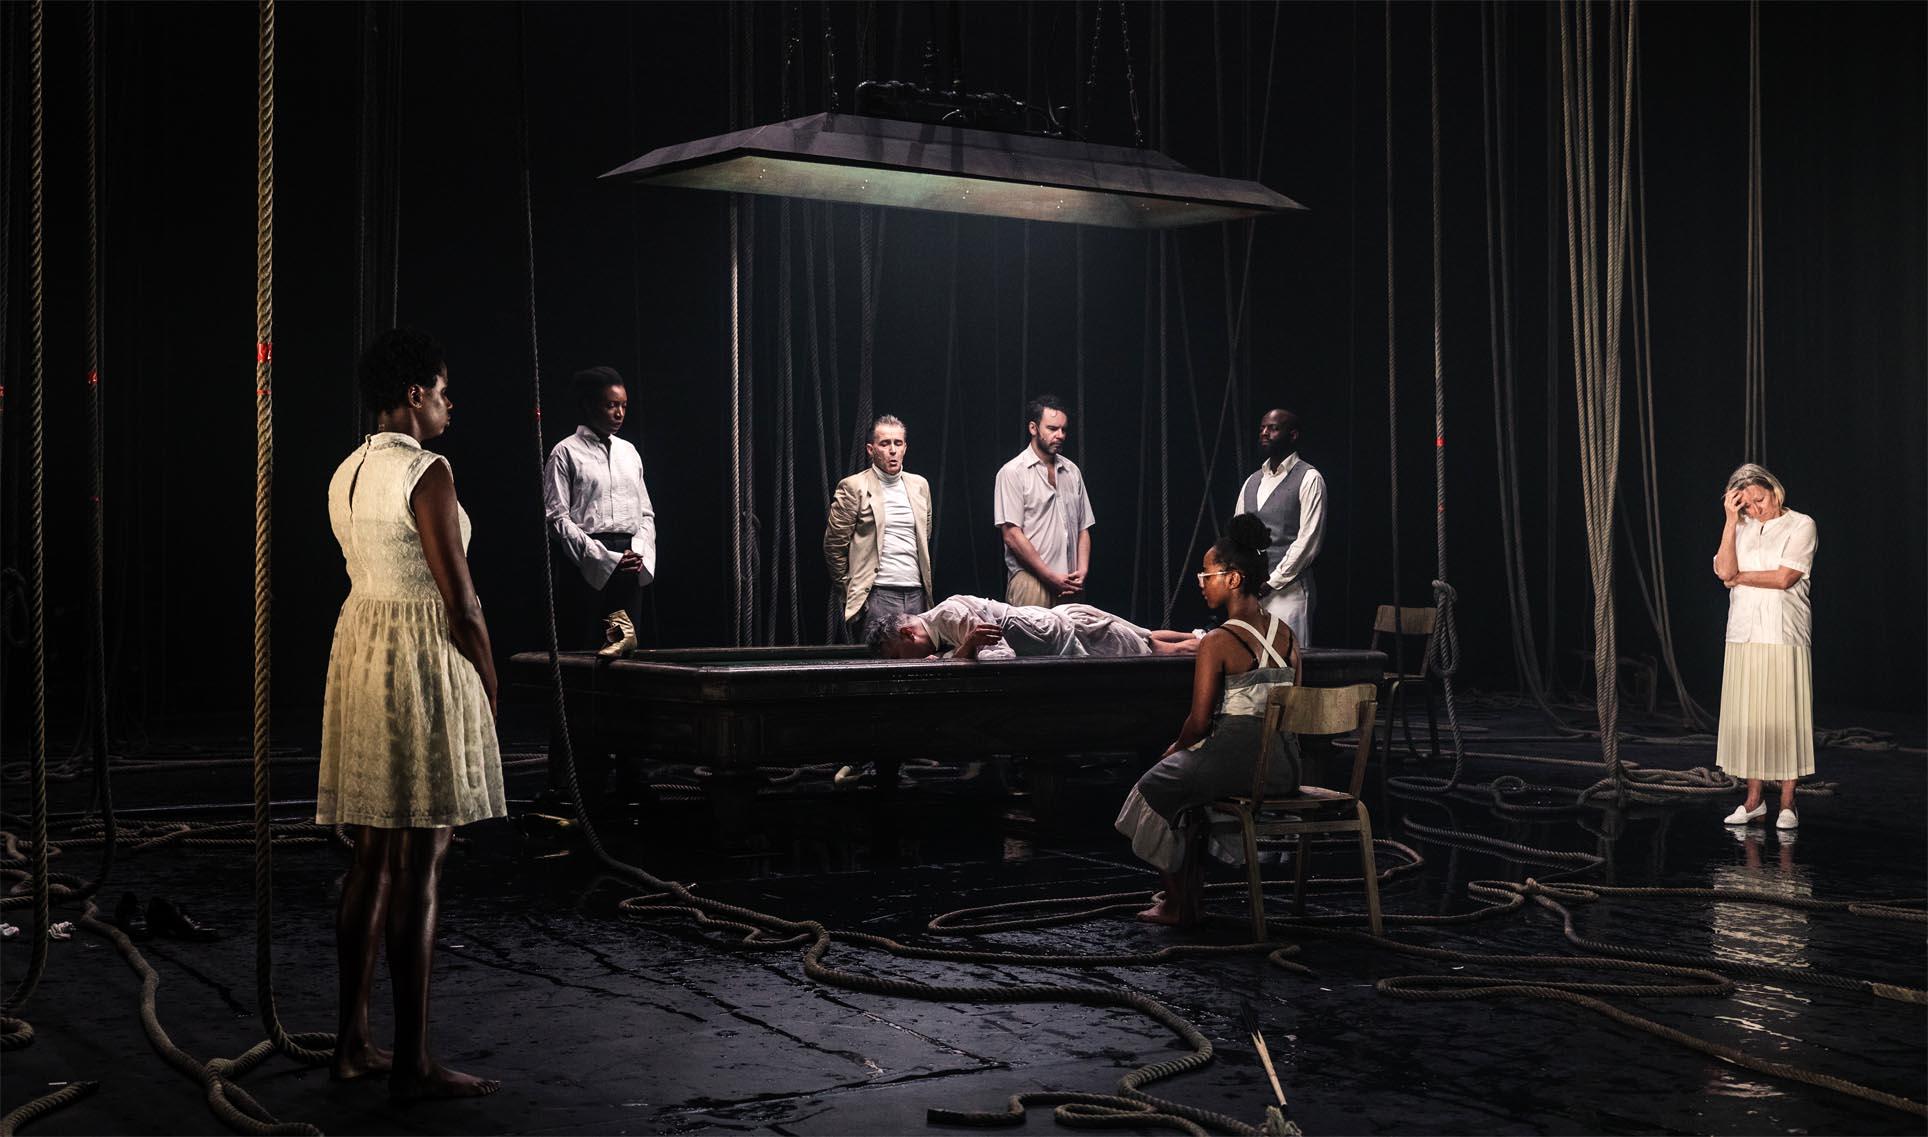 Vier schwarze vier weiße Akteure bilden das Ensemble